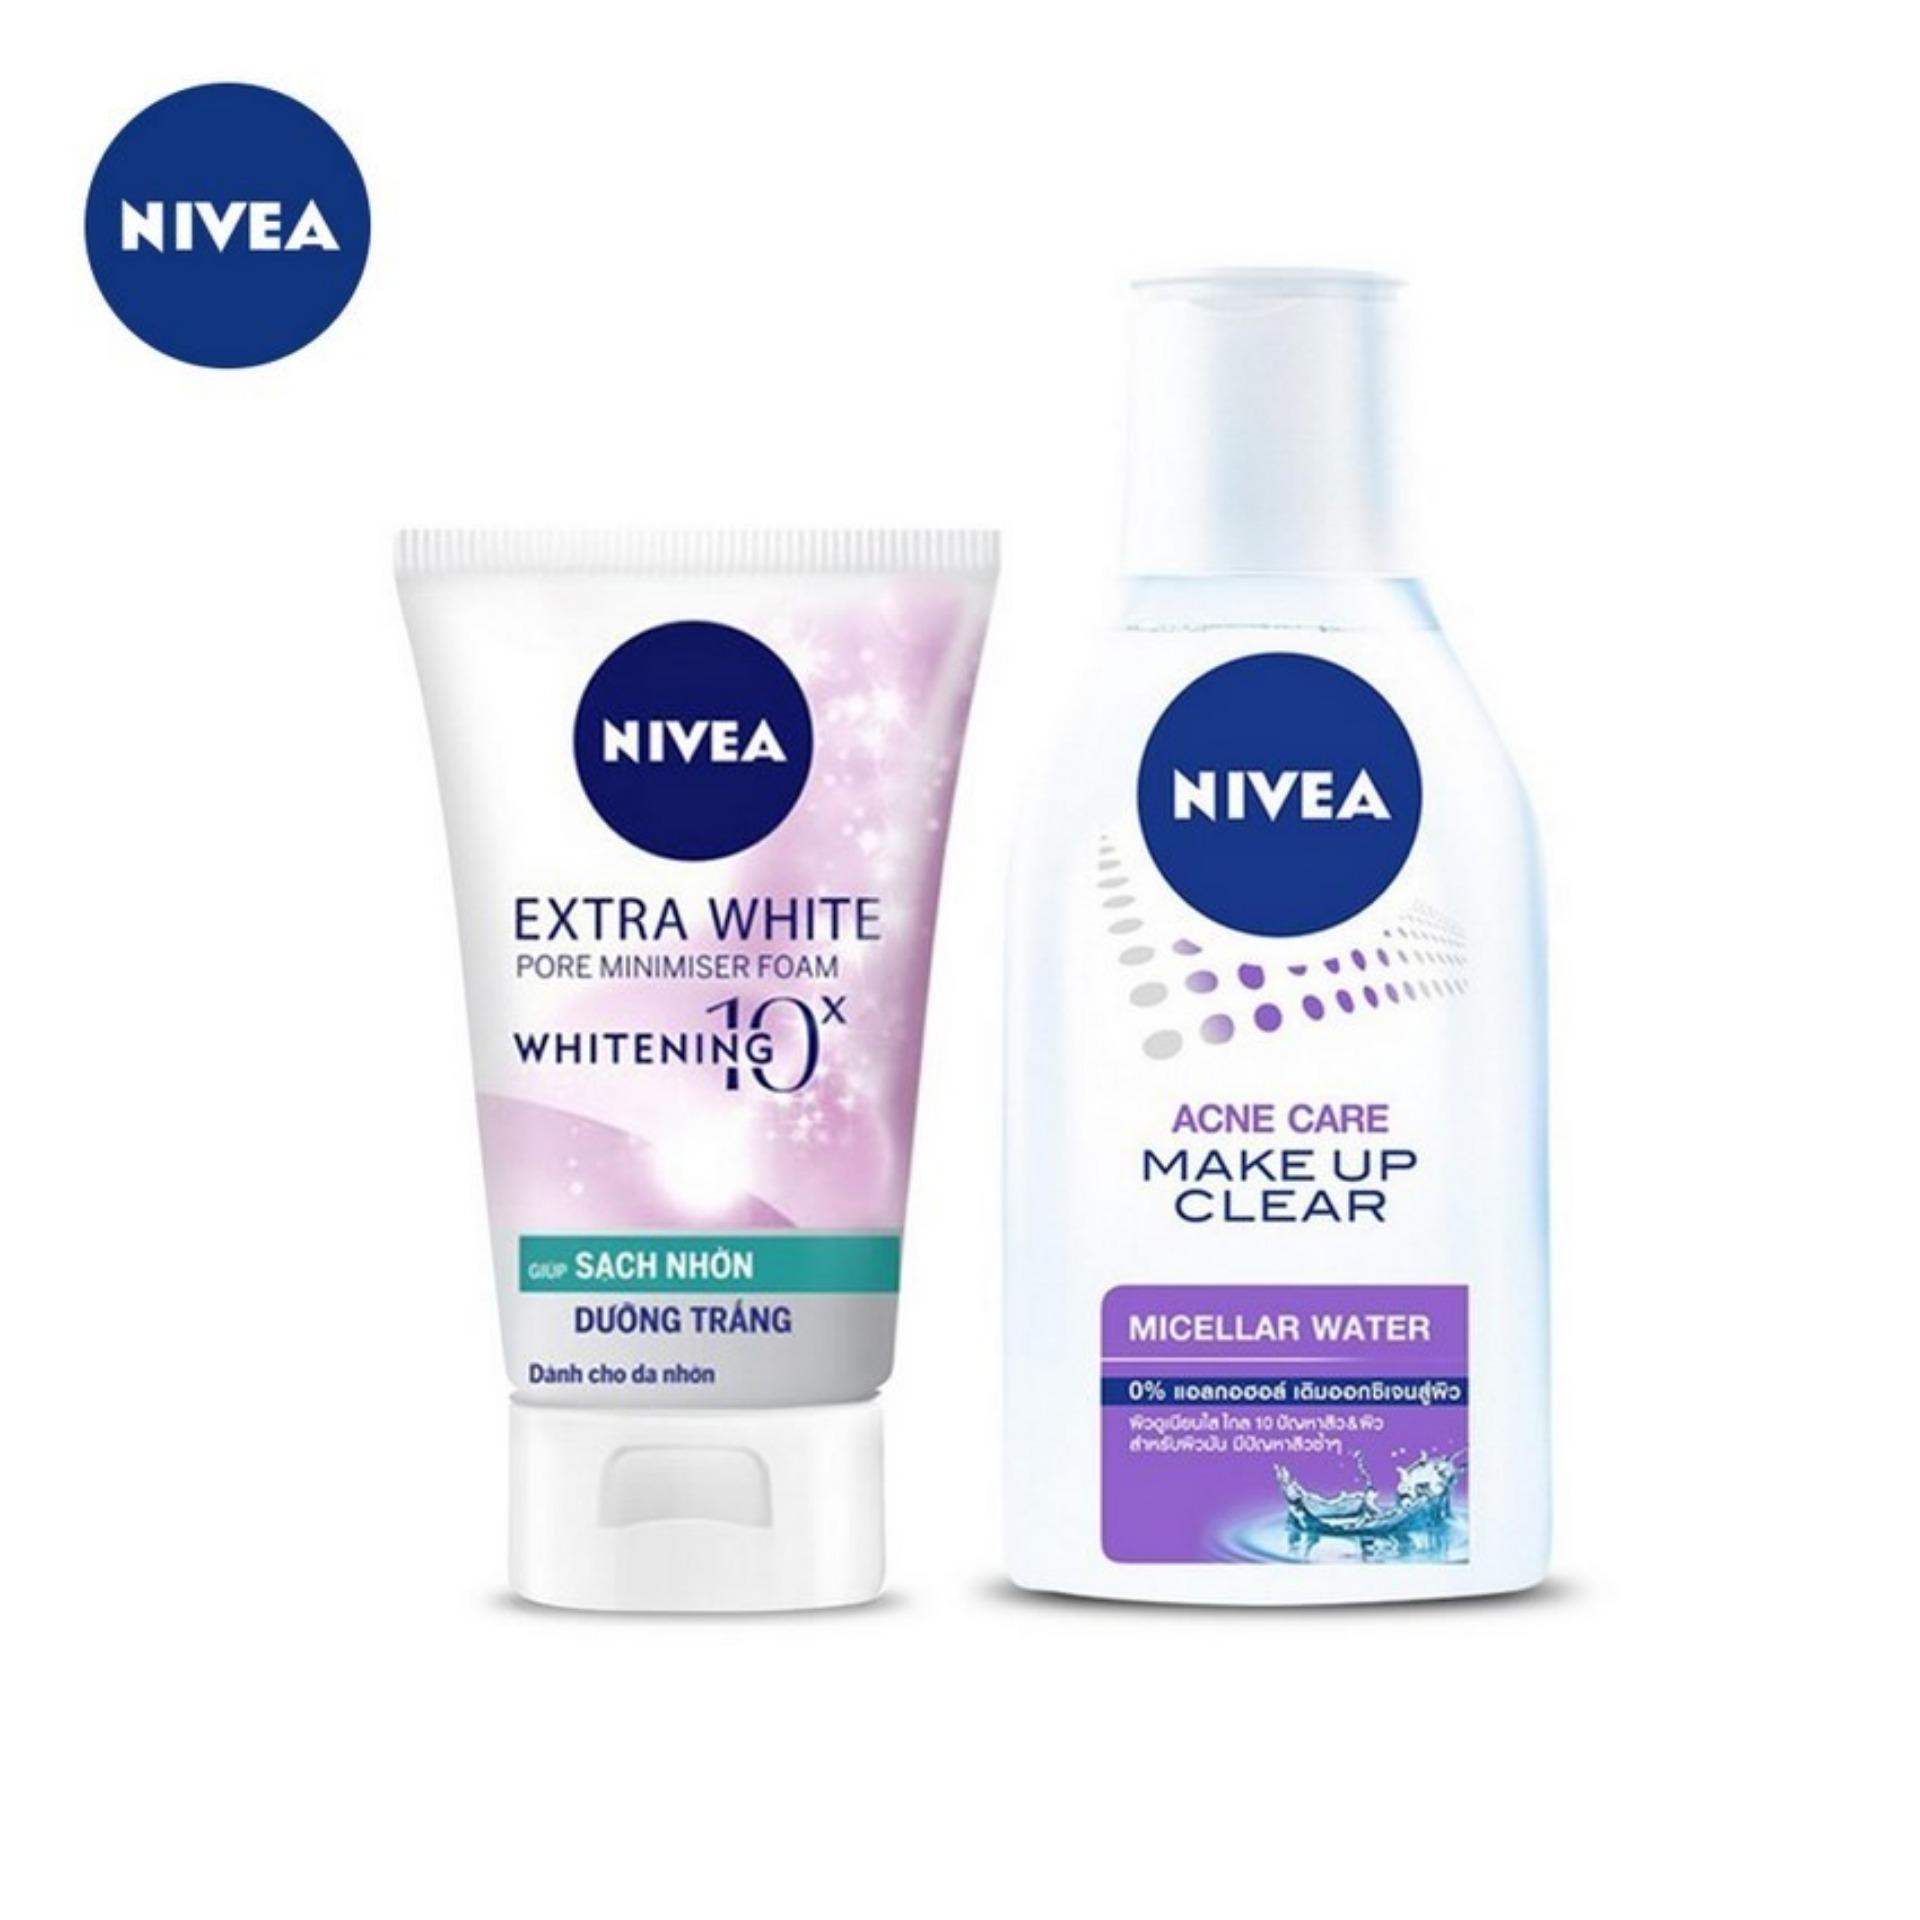 Nước Tẩy Trang Nivea Acne Care Make Up Clear Micellar Water 125ml & Sữa Rửa Mặt Ngừa Mụn Và Kiểm Soát Nhờn Nivea 50g